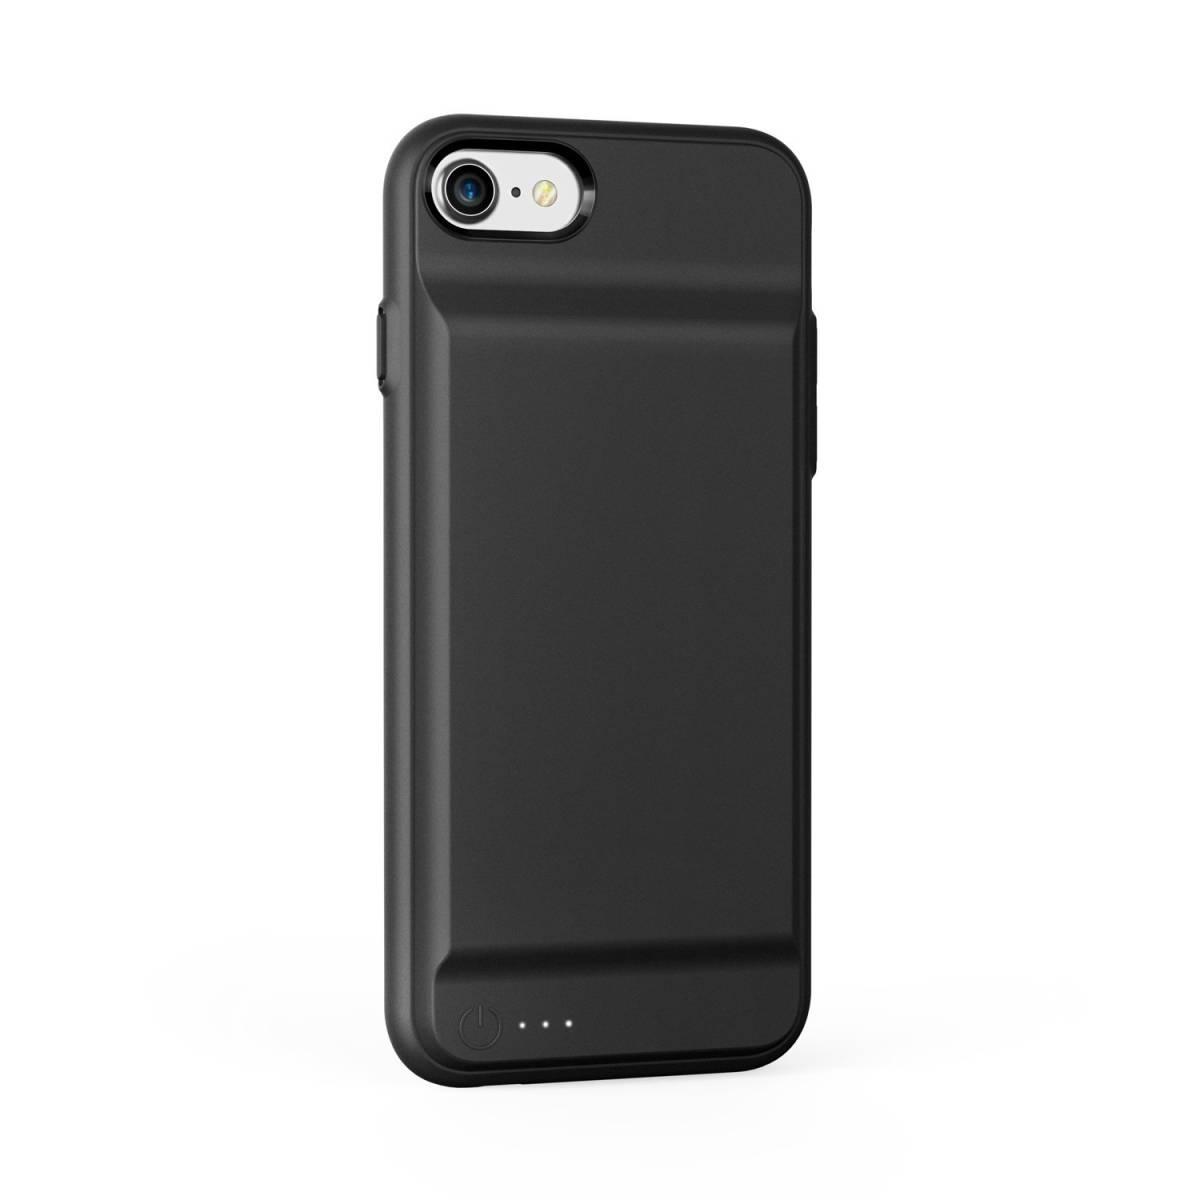 6新品 送料無料 Anker PowerCore Case 2750 iPhone 7 4.7インチ用 (2750mAh バッテリー内蔵ケース) 【Apple MFi 認証取得】 A1408011